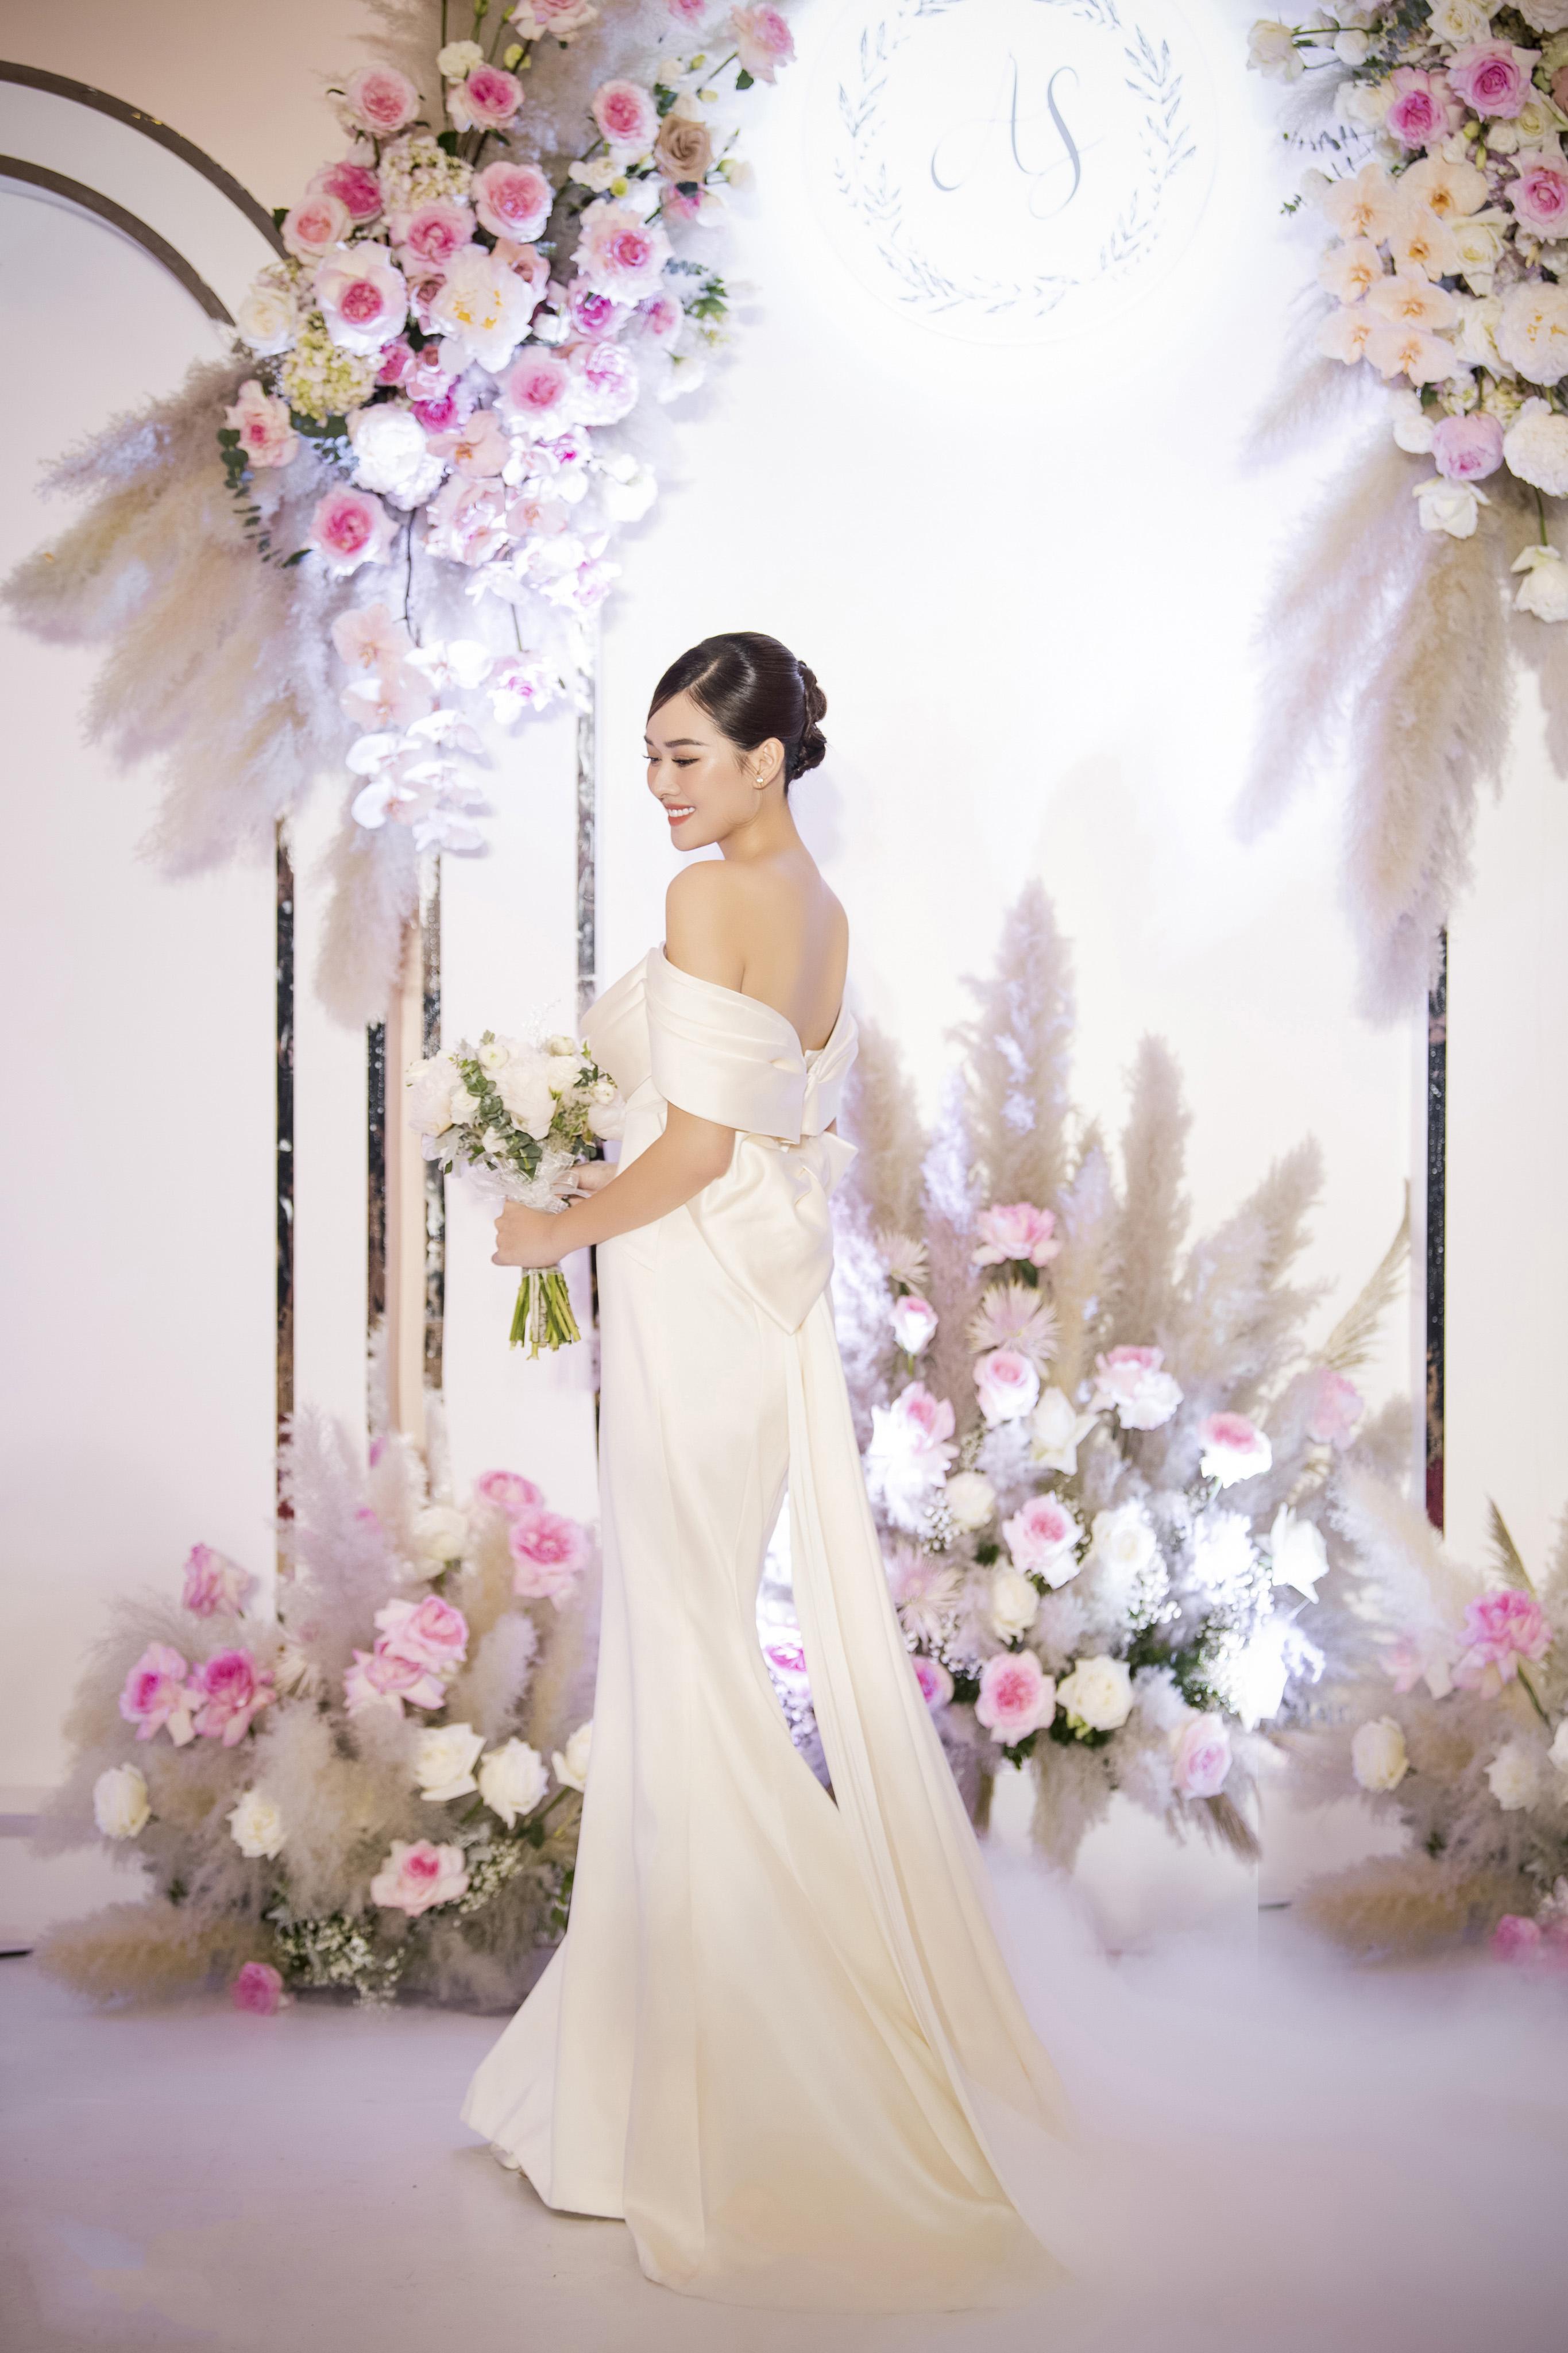 Đám cưới 'cổ tích' của Á hậu Tường San, dung mạo chú rể làm công chúng tò mò - Ảnh 2